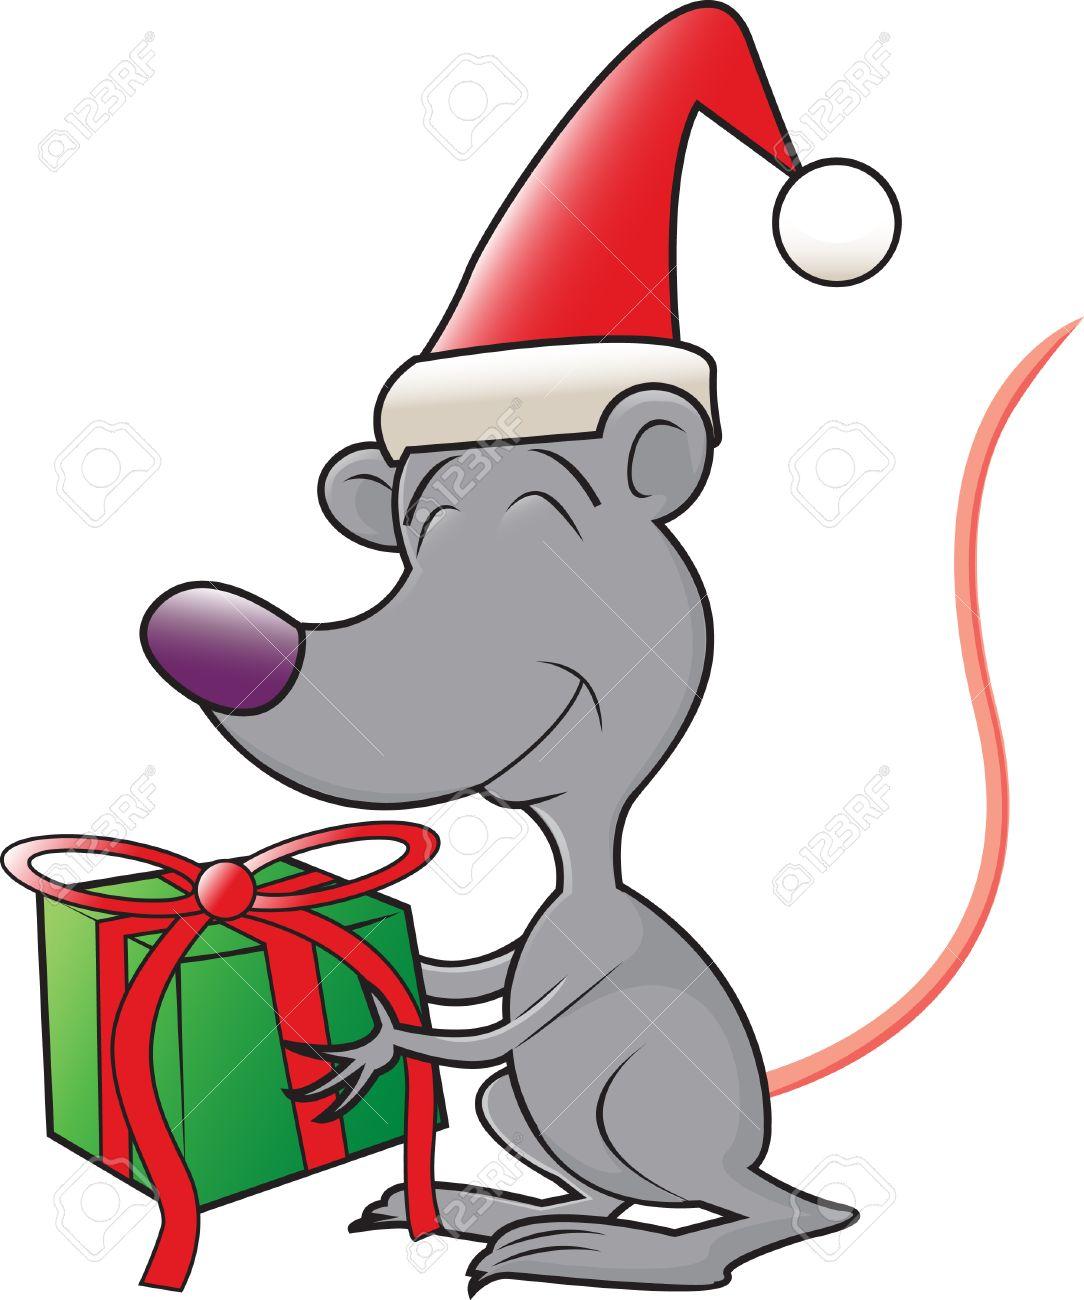 Lachende Cartoon Hund Mit Weihnachtsgeschenk Stock Vektor Art und mehr  Bilder von ClipArt - iStock